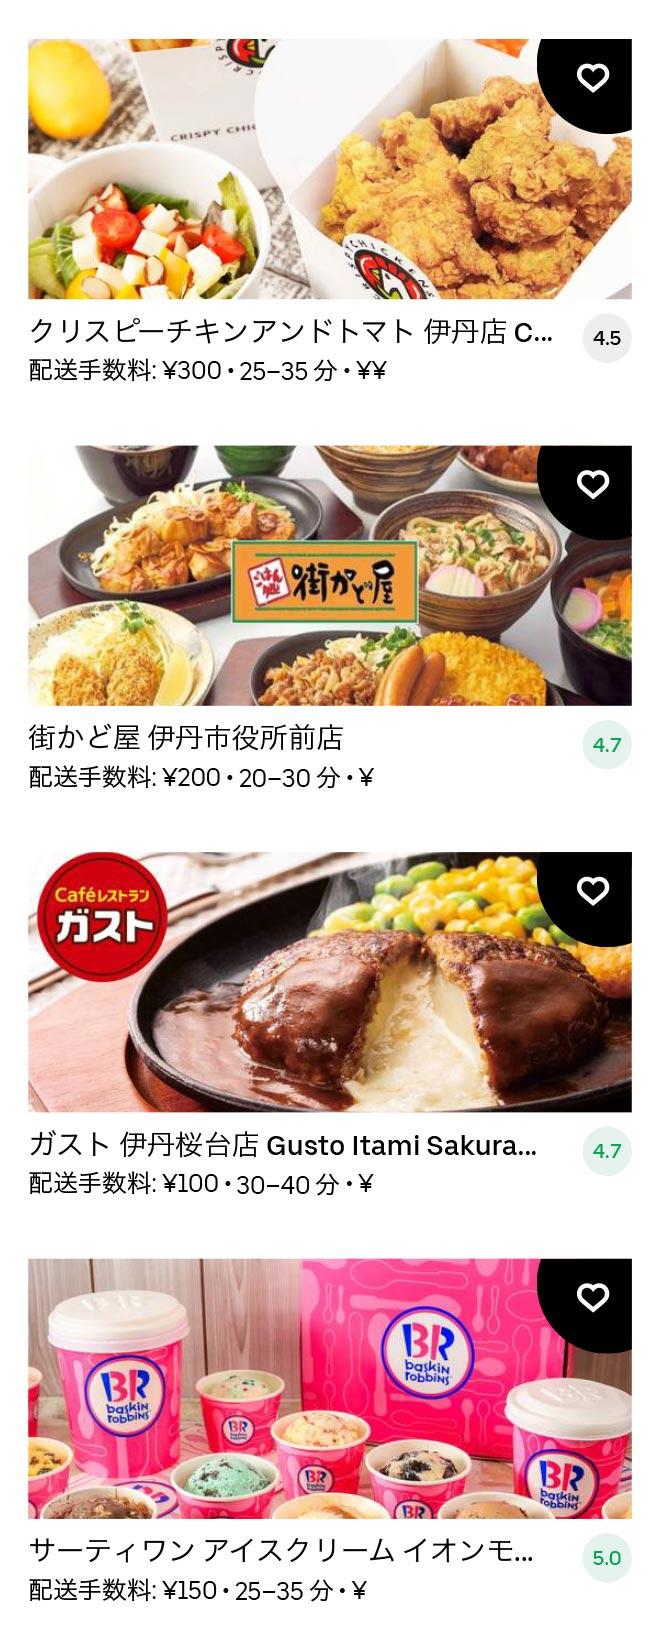 Itami nakano menu 2011 05